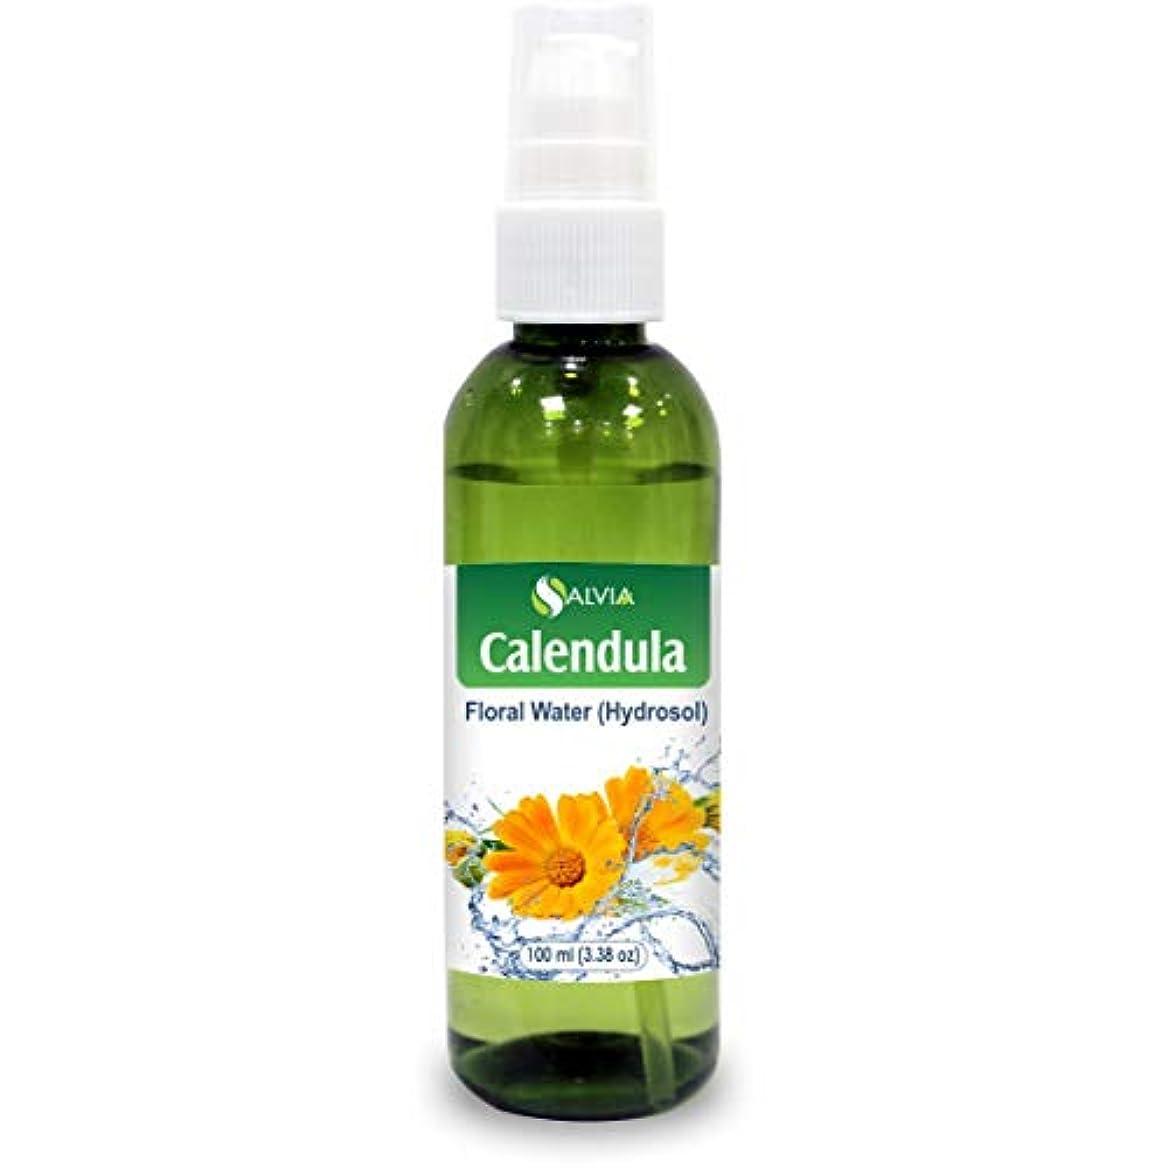 ビザ恥ずかしい暗いCalendula Floral Floral Water 100ml (Hydrosol) 100% Pure And Natural